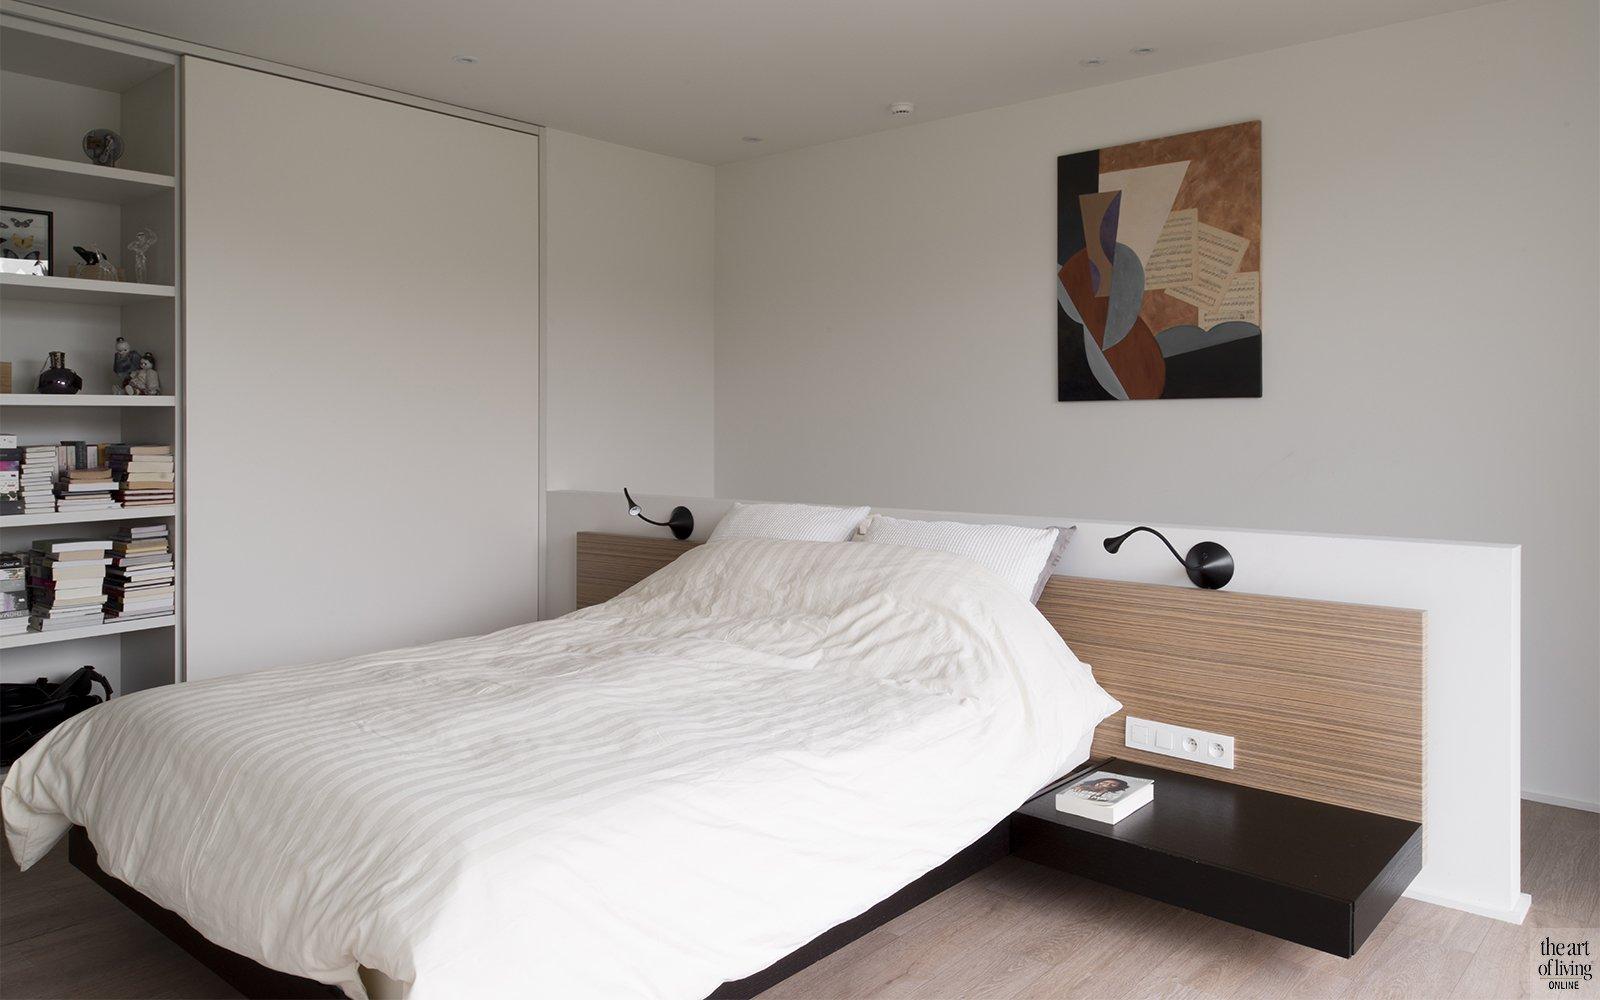 Tijdloos wonen, Kris van den Broeck, Modern interieur, Wit interieur, Strak Interieur, Slaapkamer, bedroom, masterbedroom